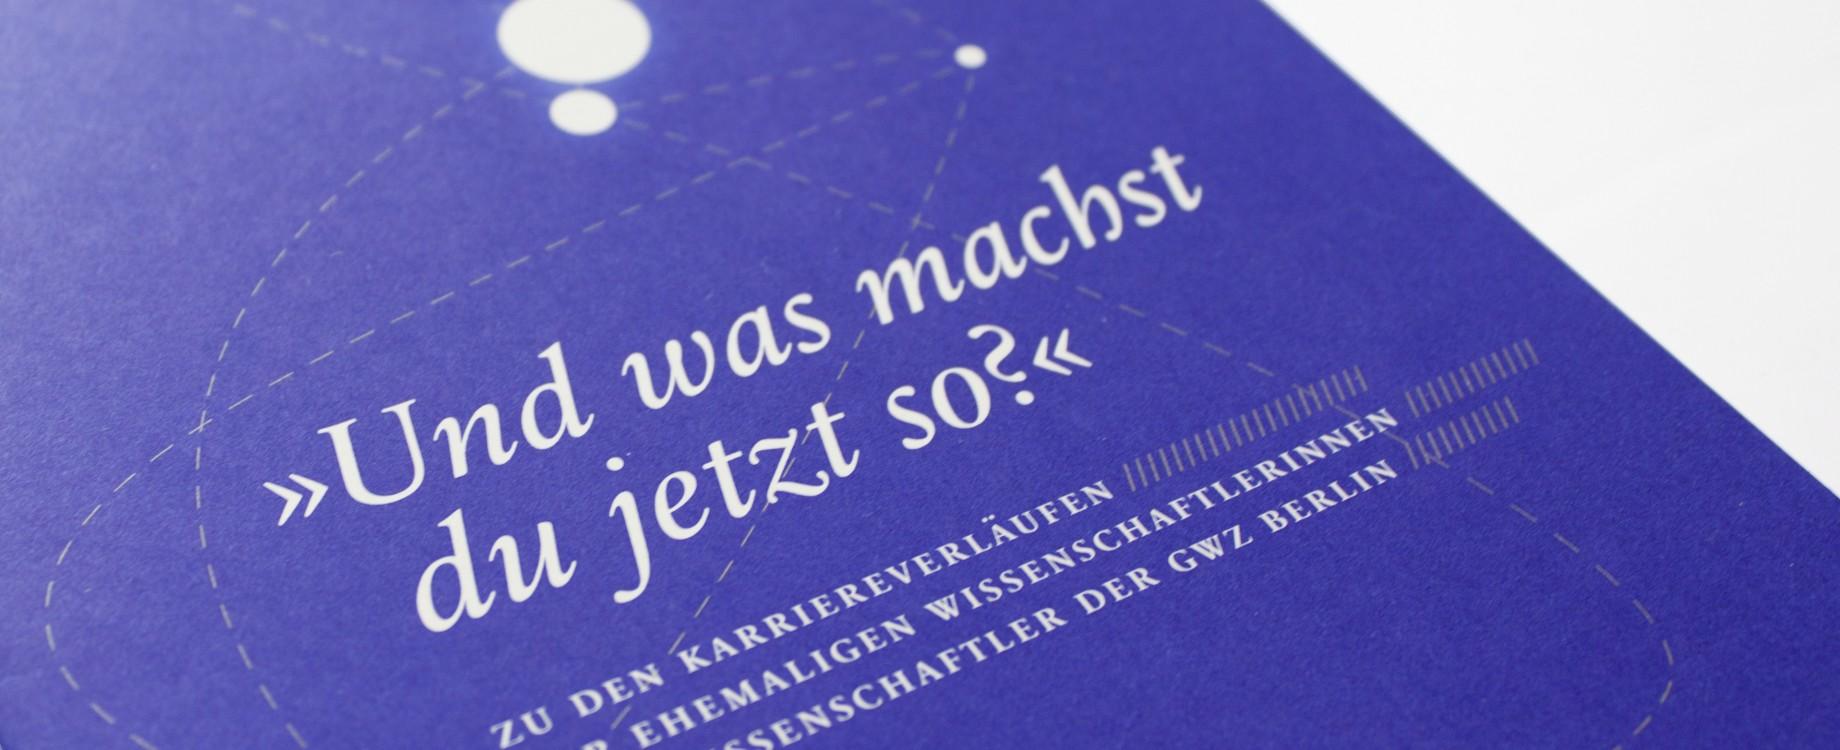 GWZ Berlin· Heft zum Werdegang ehemaliger GWZ-Mitarbeiter